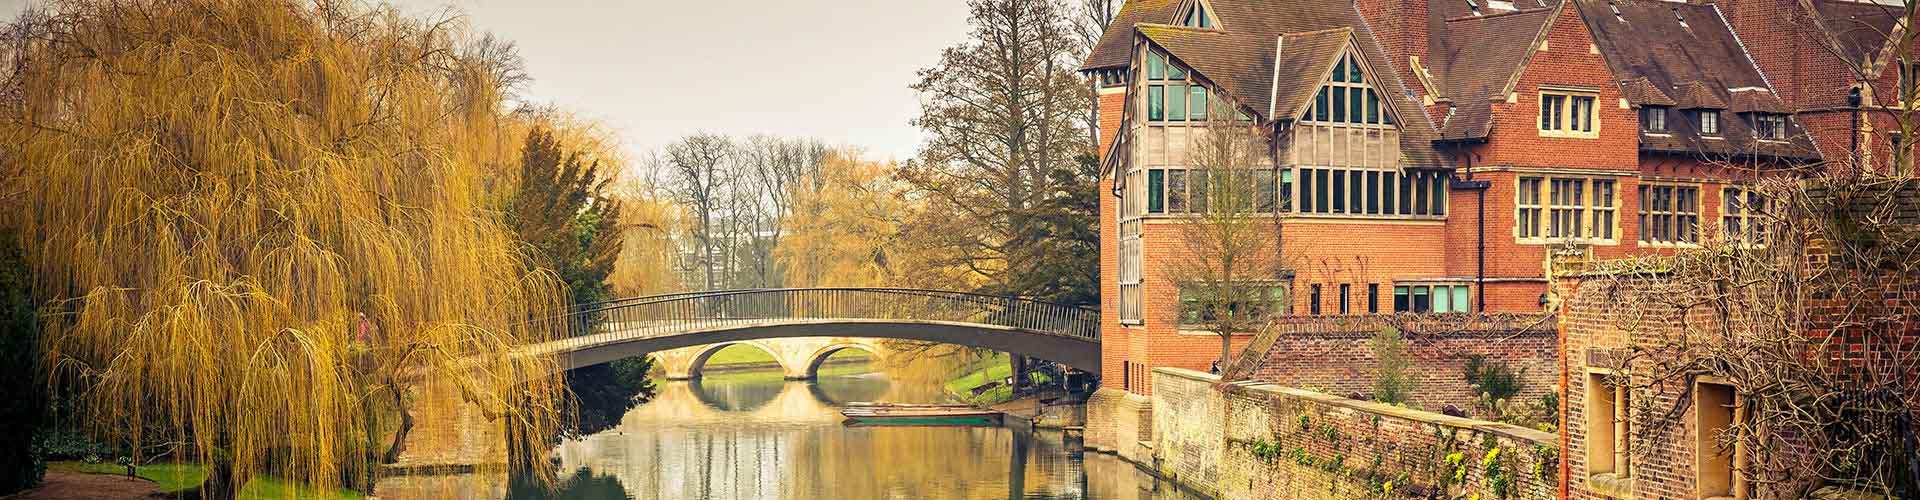 Cambridge - Apartamenty w mieście Cambridge, Mapy miasta Cambridge, Zdjęcia i Recenzje dla każdego Apartamentu w mieście Cambridge.